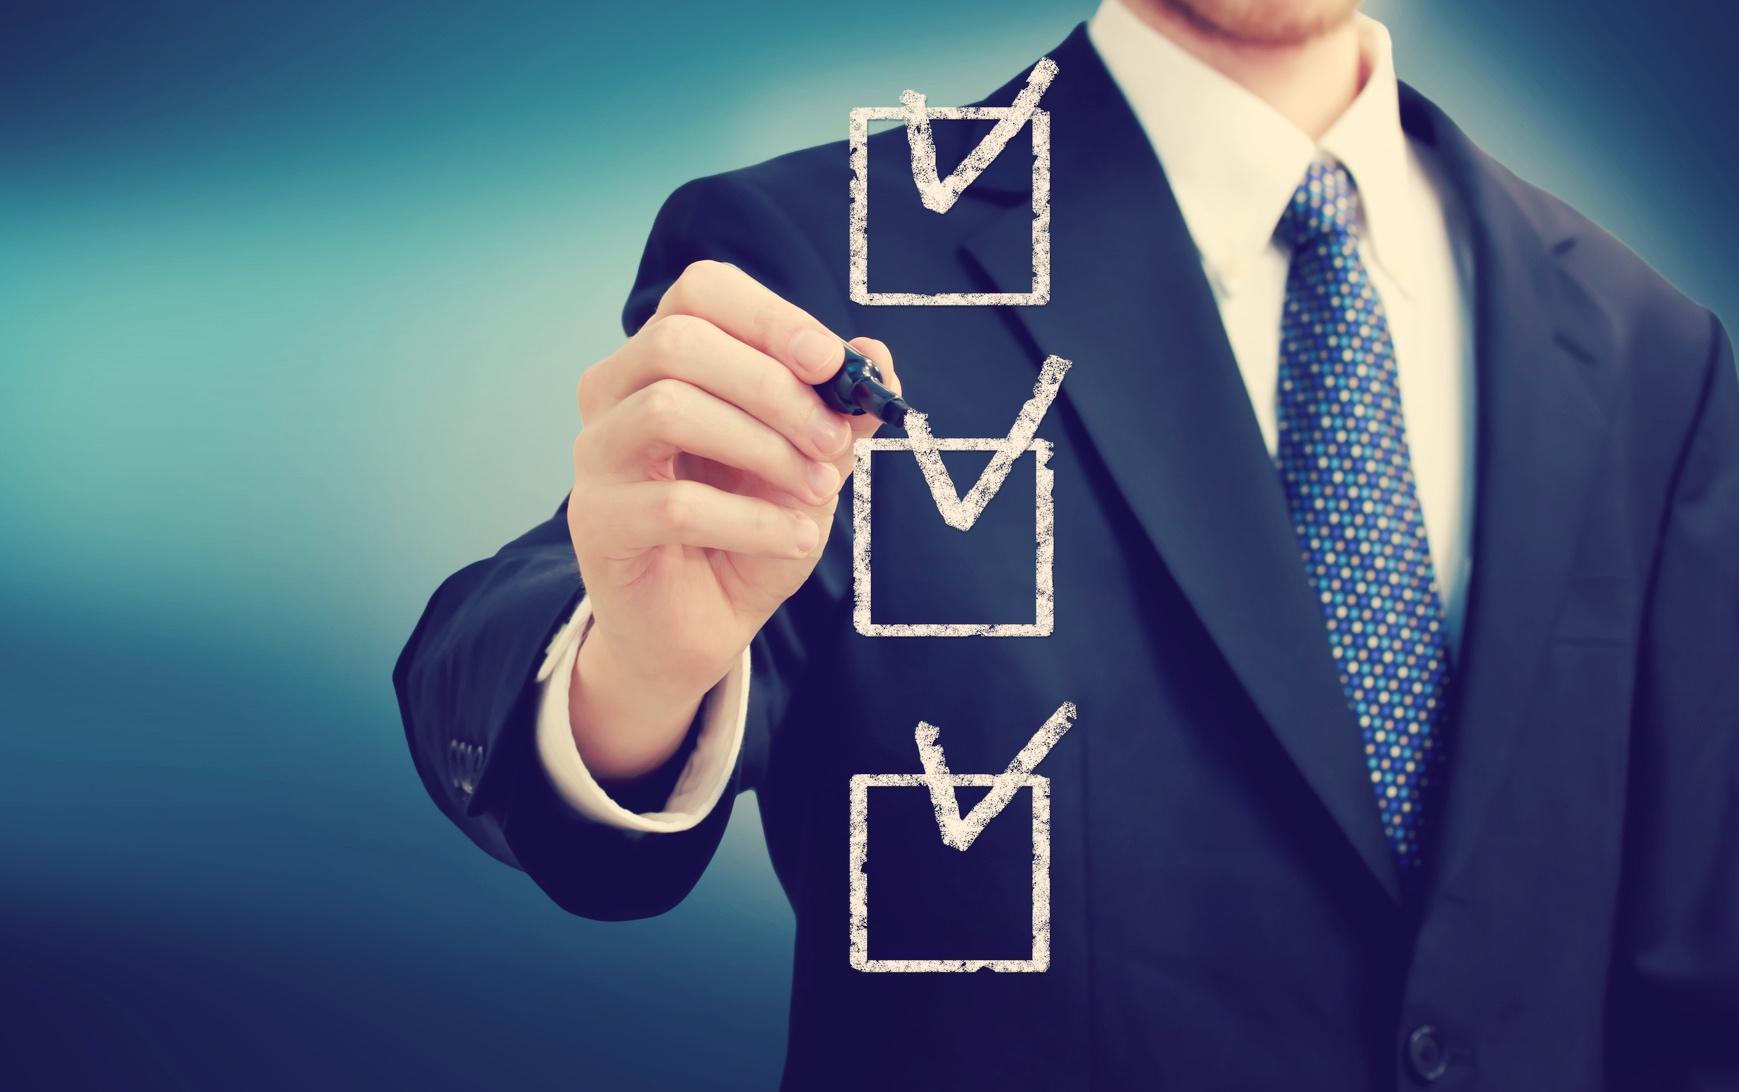 Тимощук Алексей Борисович из Сингапура: «10 советов начинающим коммерсантам, которые помогут вывести бизнес на новый уровень»